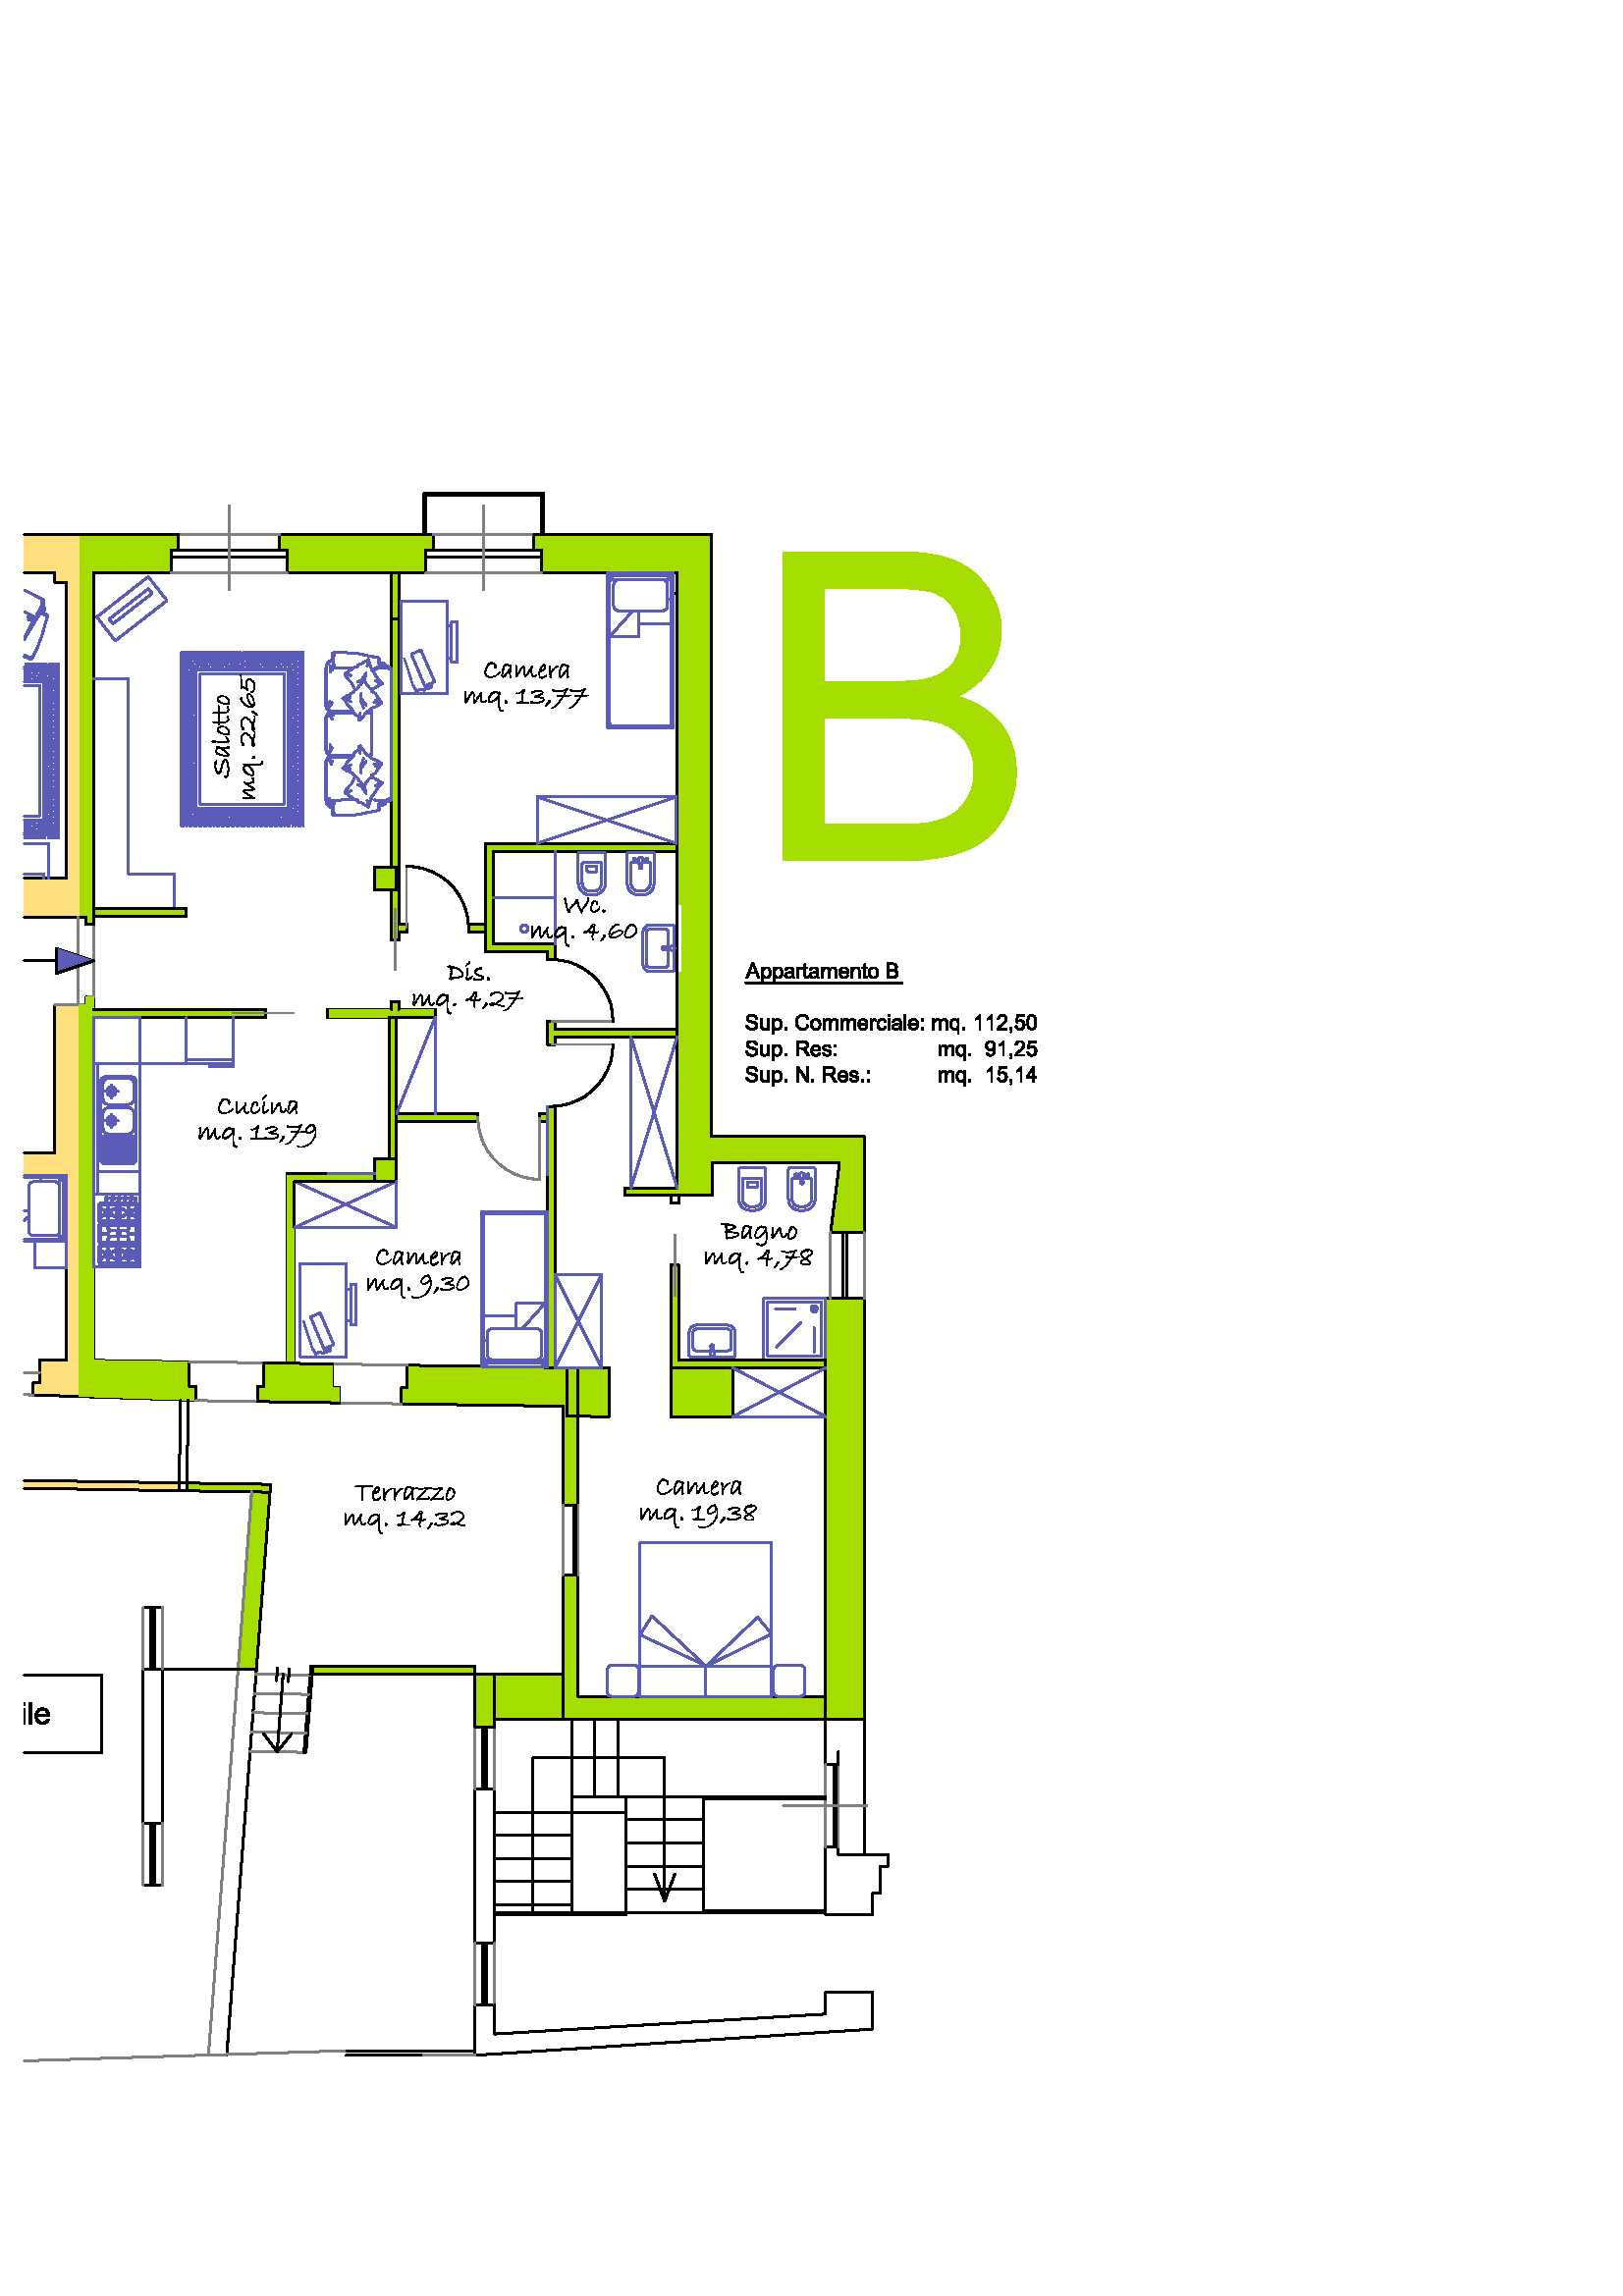 Appartamento  Soggiorno, Cucina, 3 Camere, Terrazzo interno.